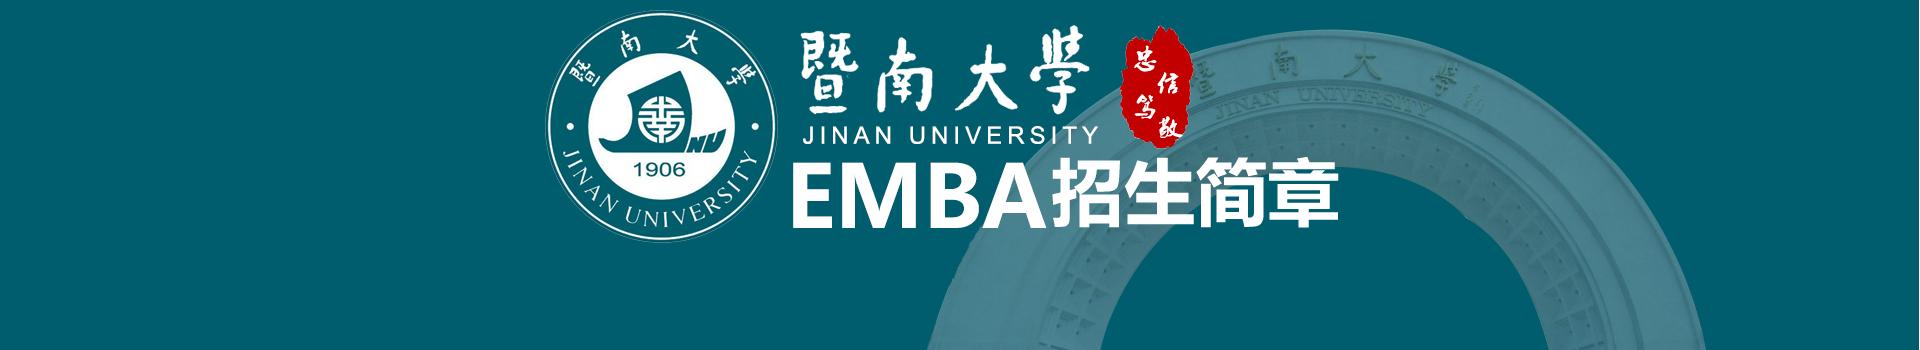 暨南大学管理学院高级工商管理硕士EMBA招生简章